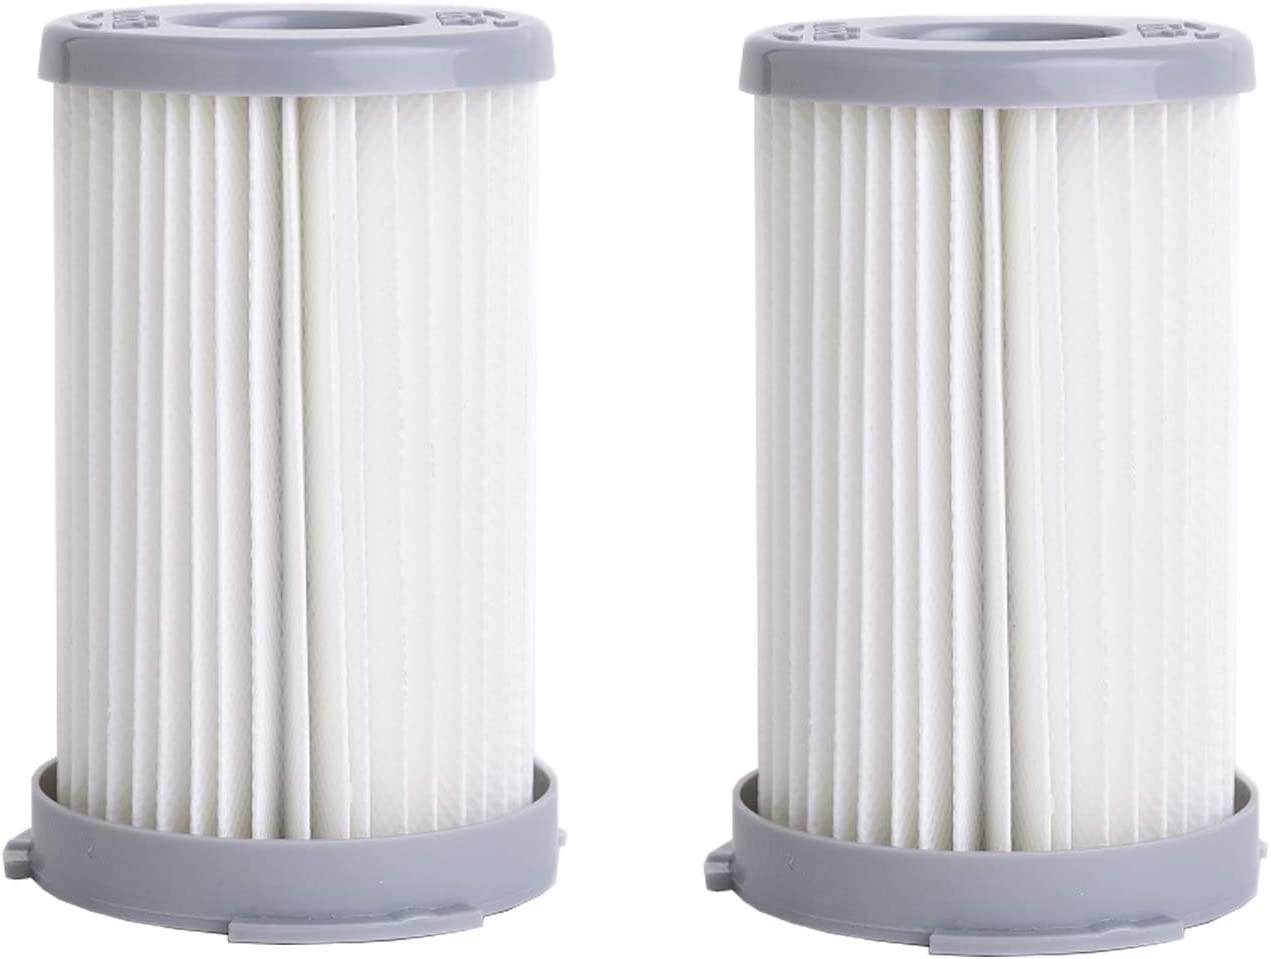 Filtro Hepa Aire Rejilla Motor para Aspiradora ELECTROLUX